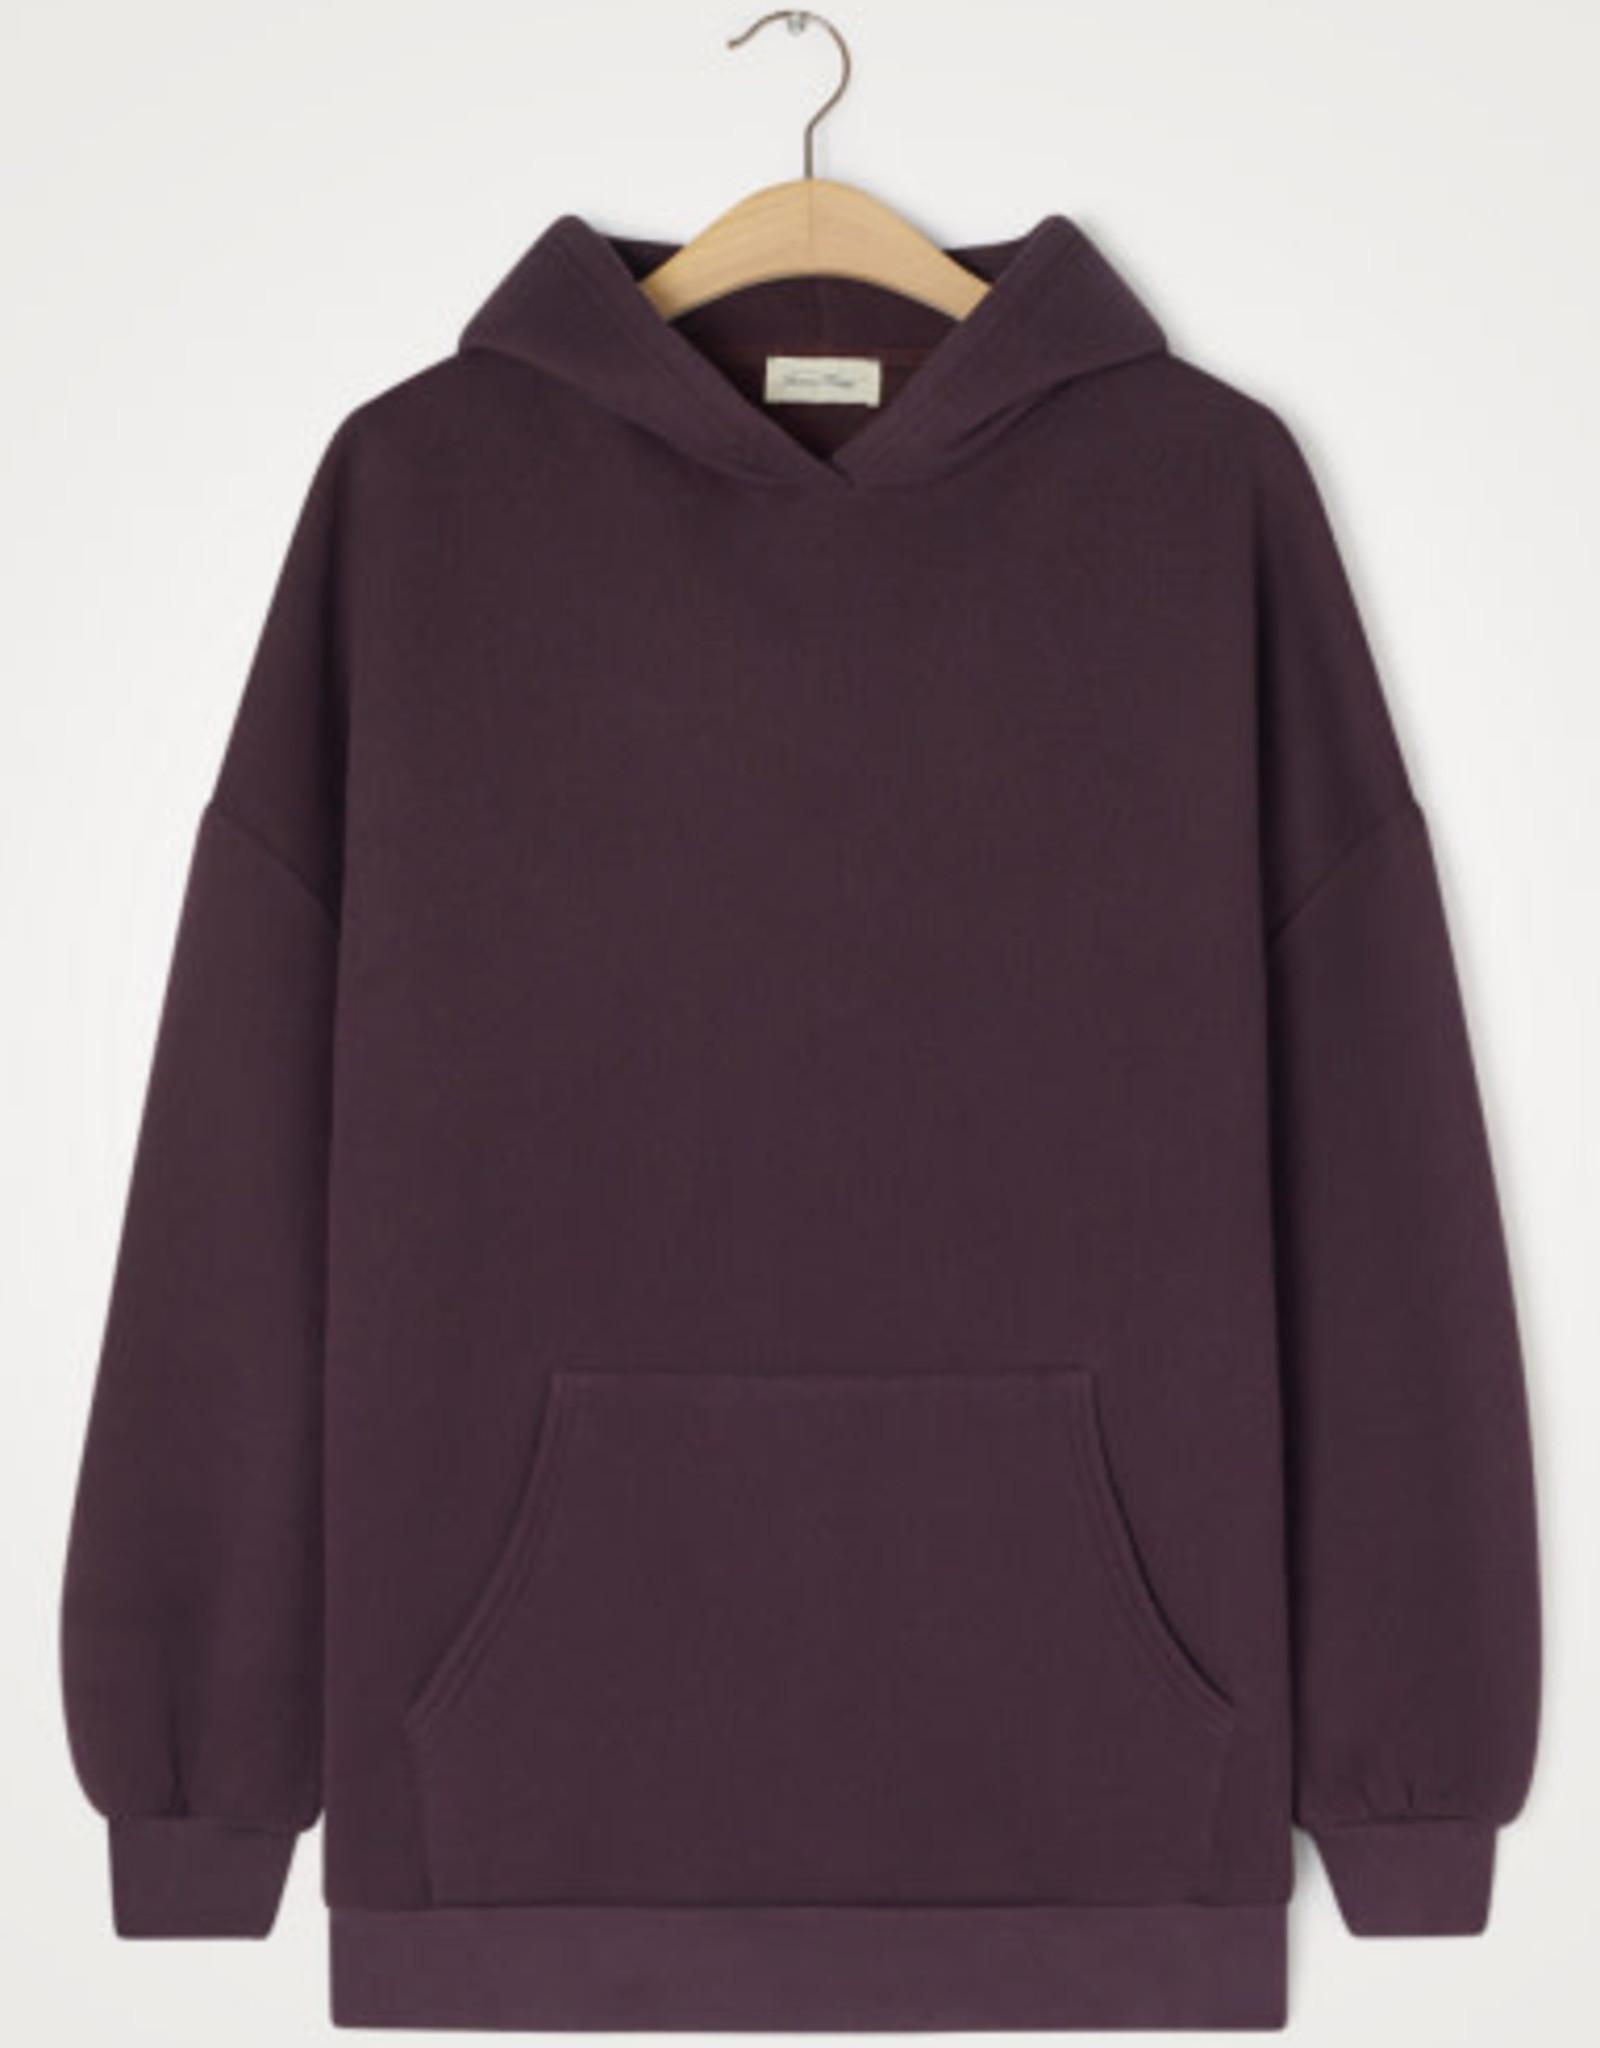 American Vintage Damessweater 'Ikatown' met kap - Aubergine - American Vintage